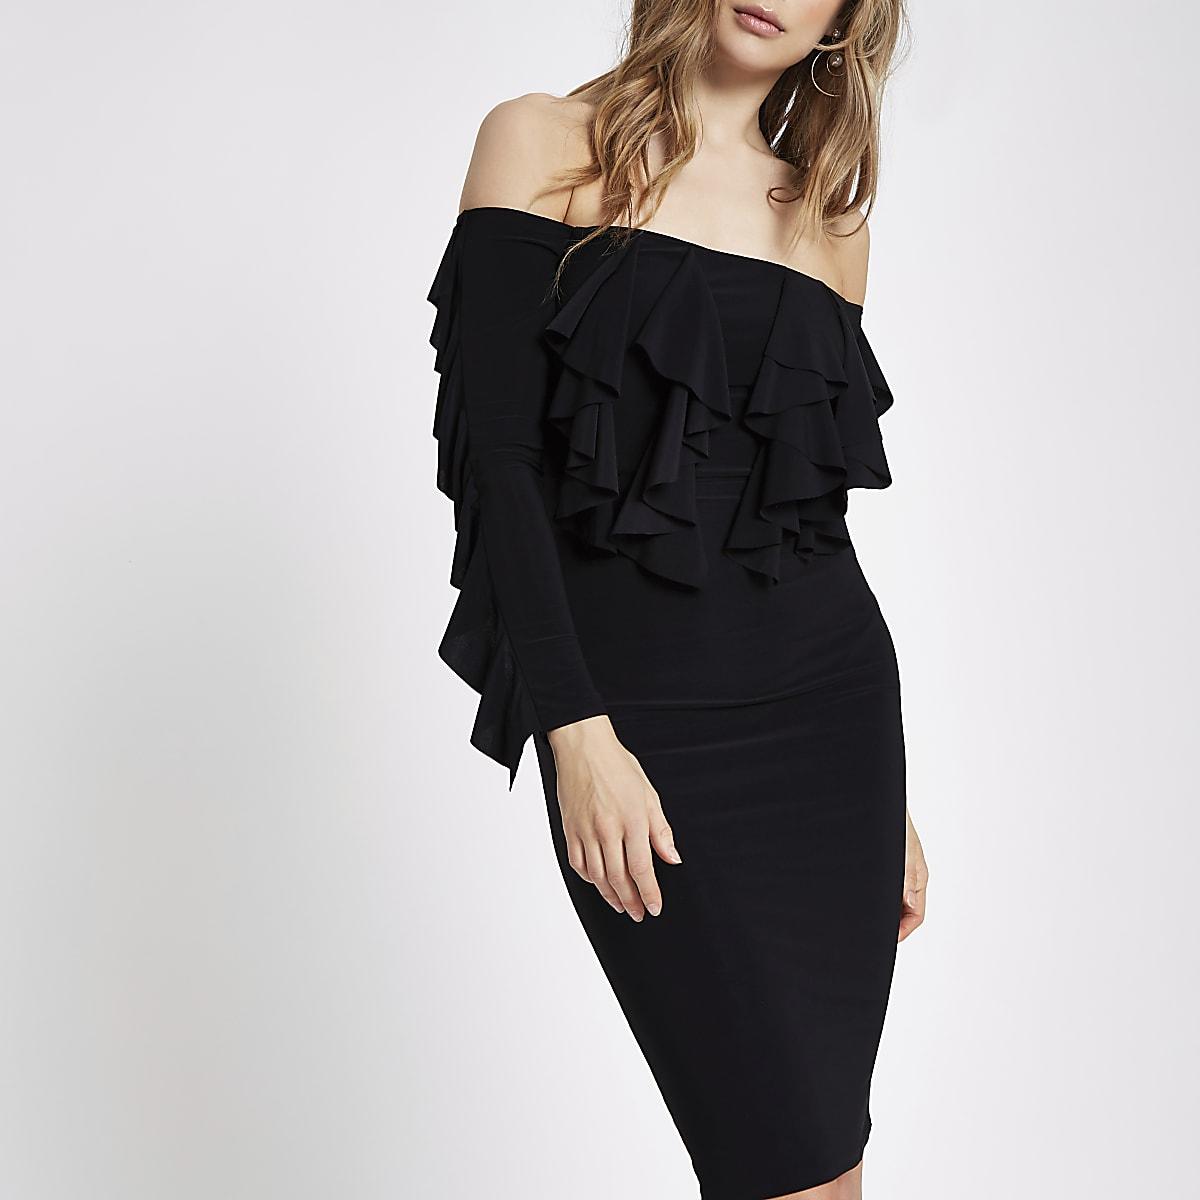 Schwarzes Bodycon-Kleid mit Rüschen